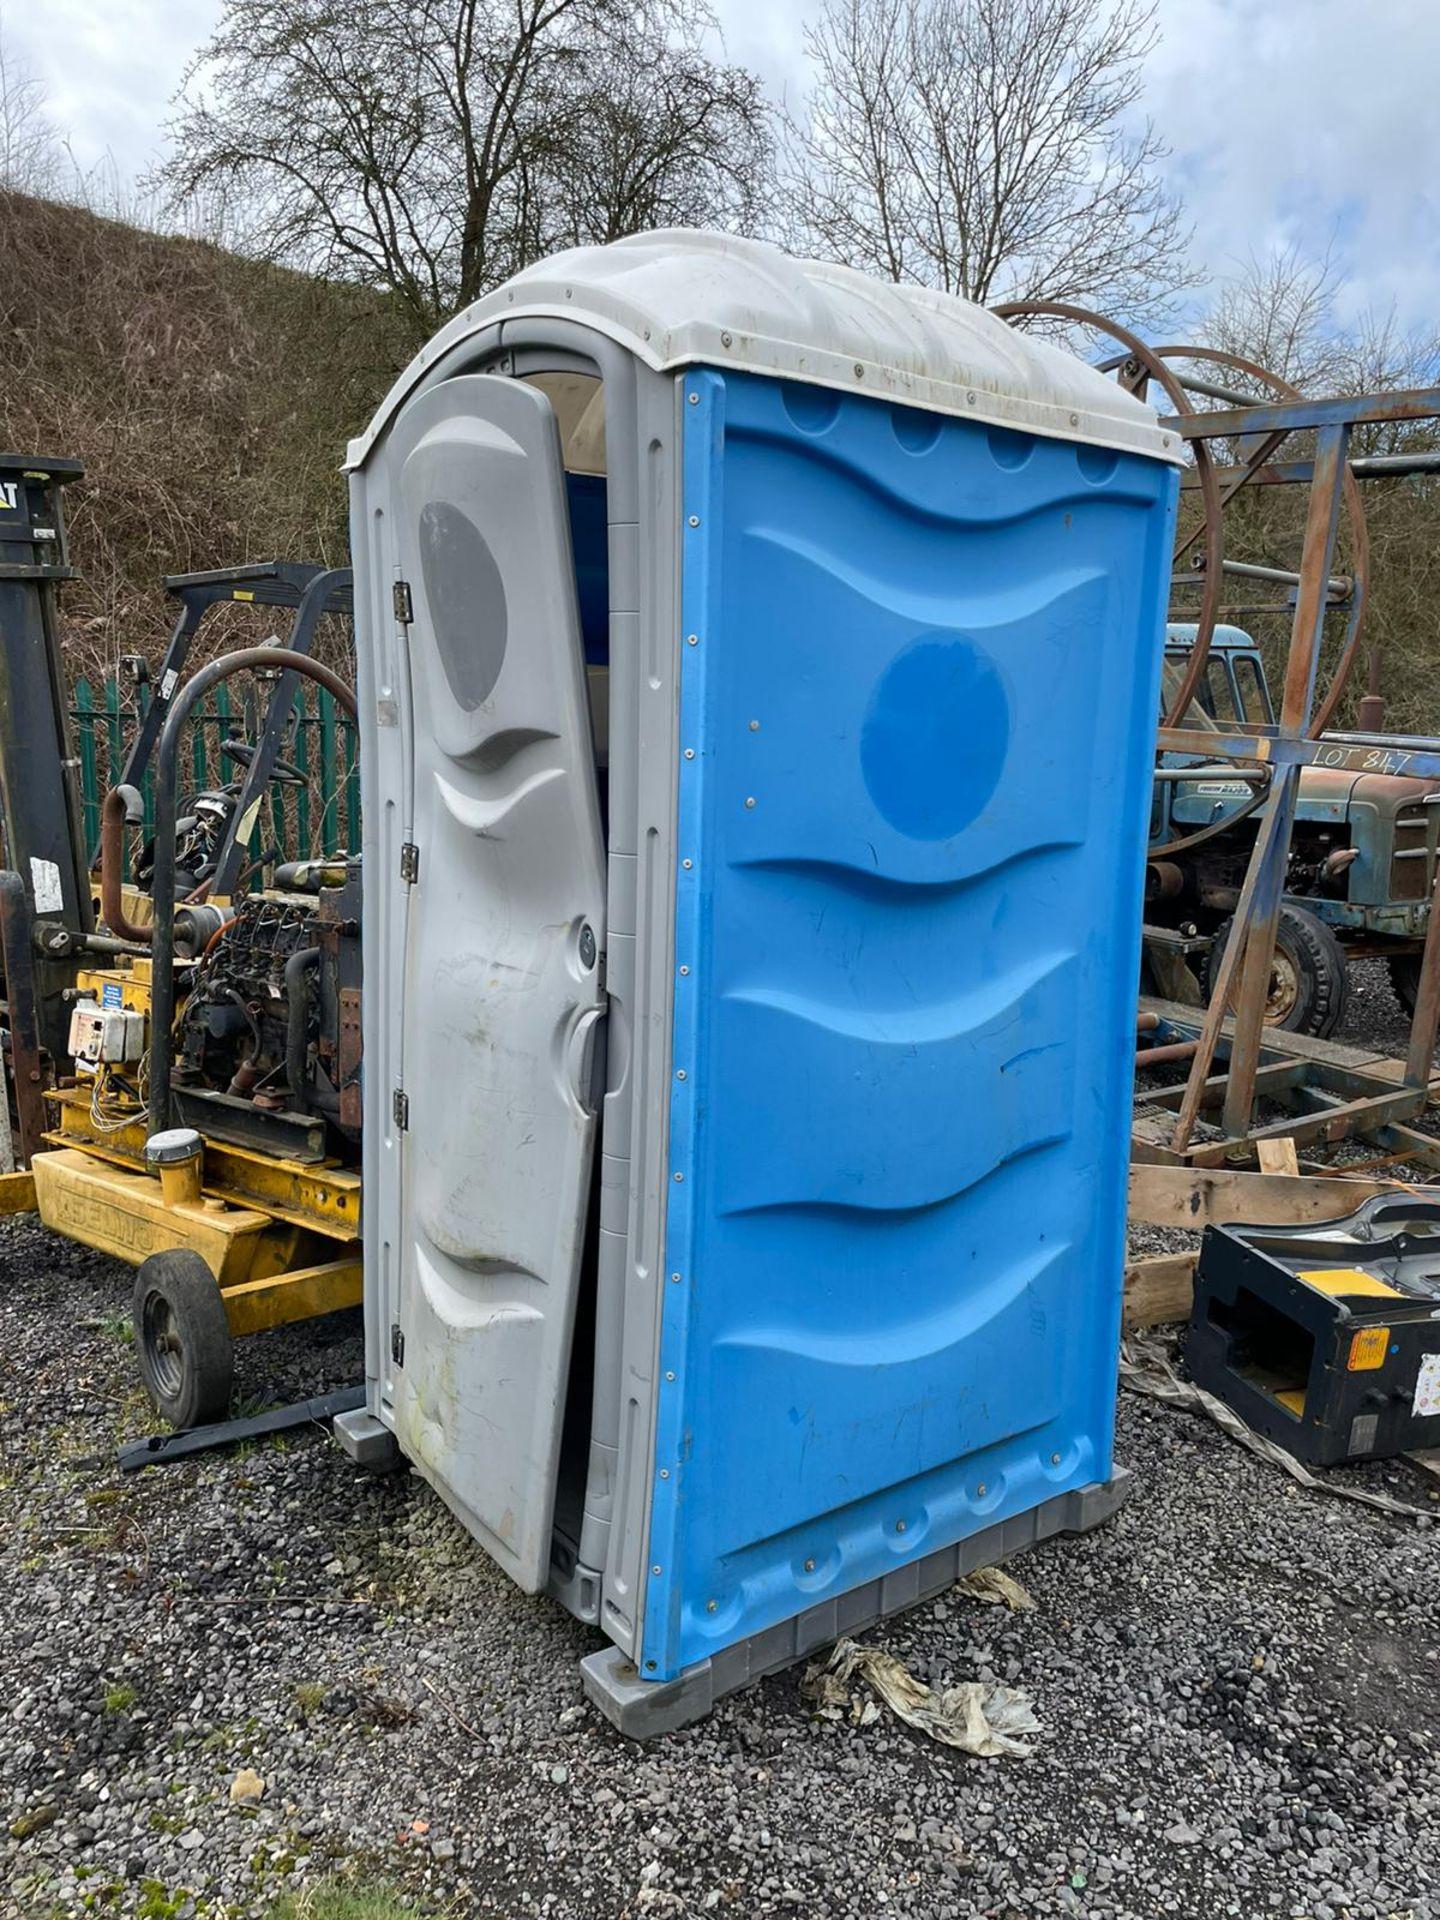 Portaloo Toilet Block, Door Is Bent, plus VAT - Image 3 of 4